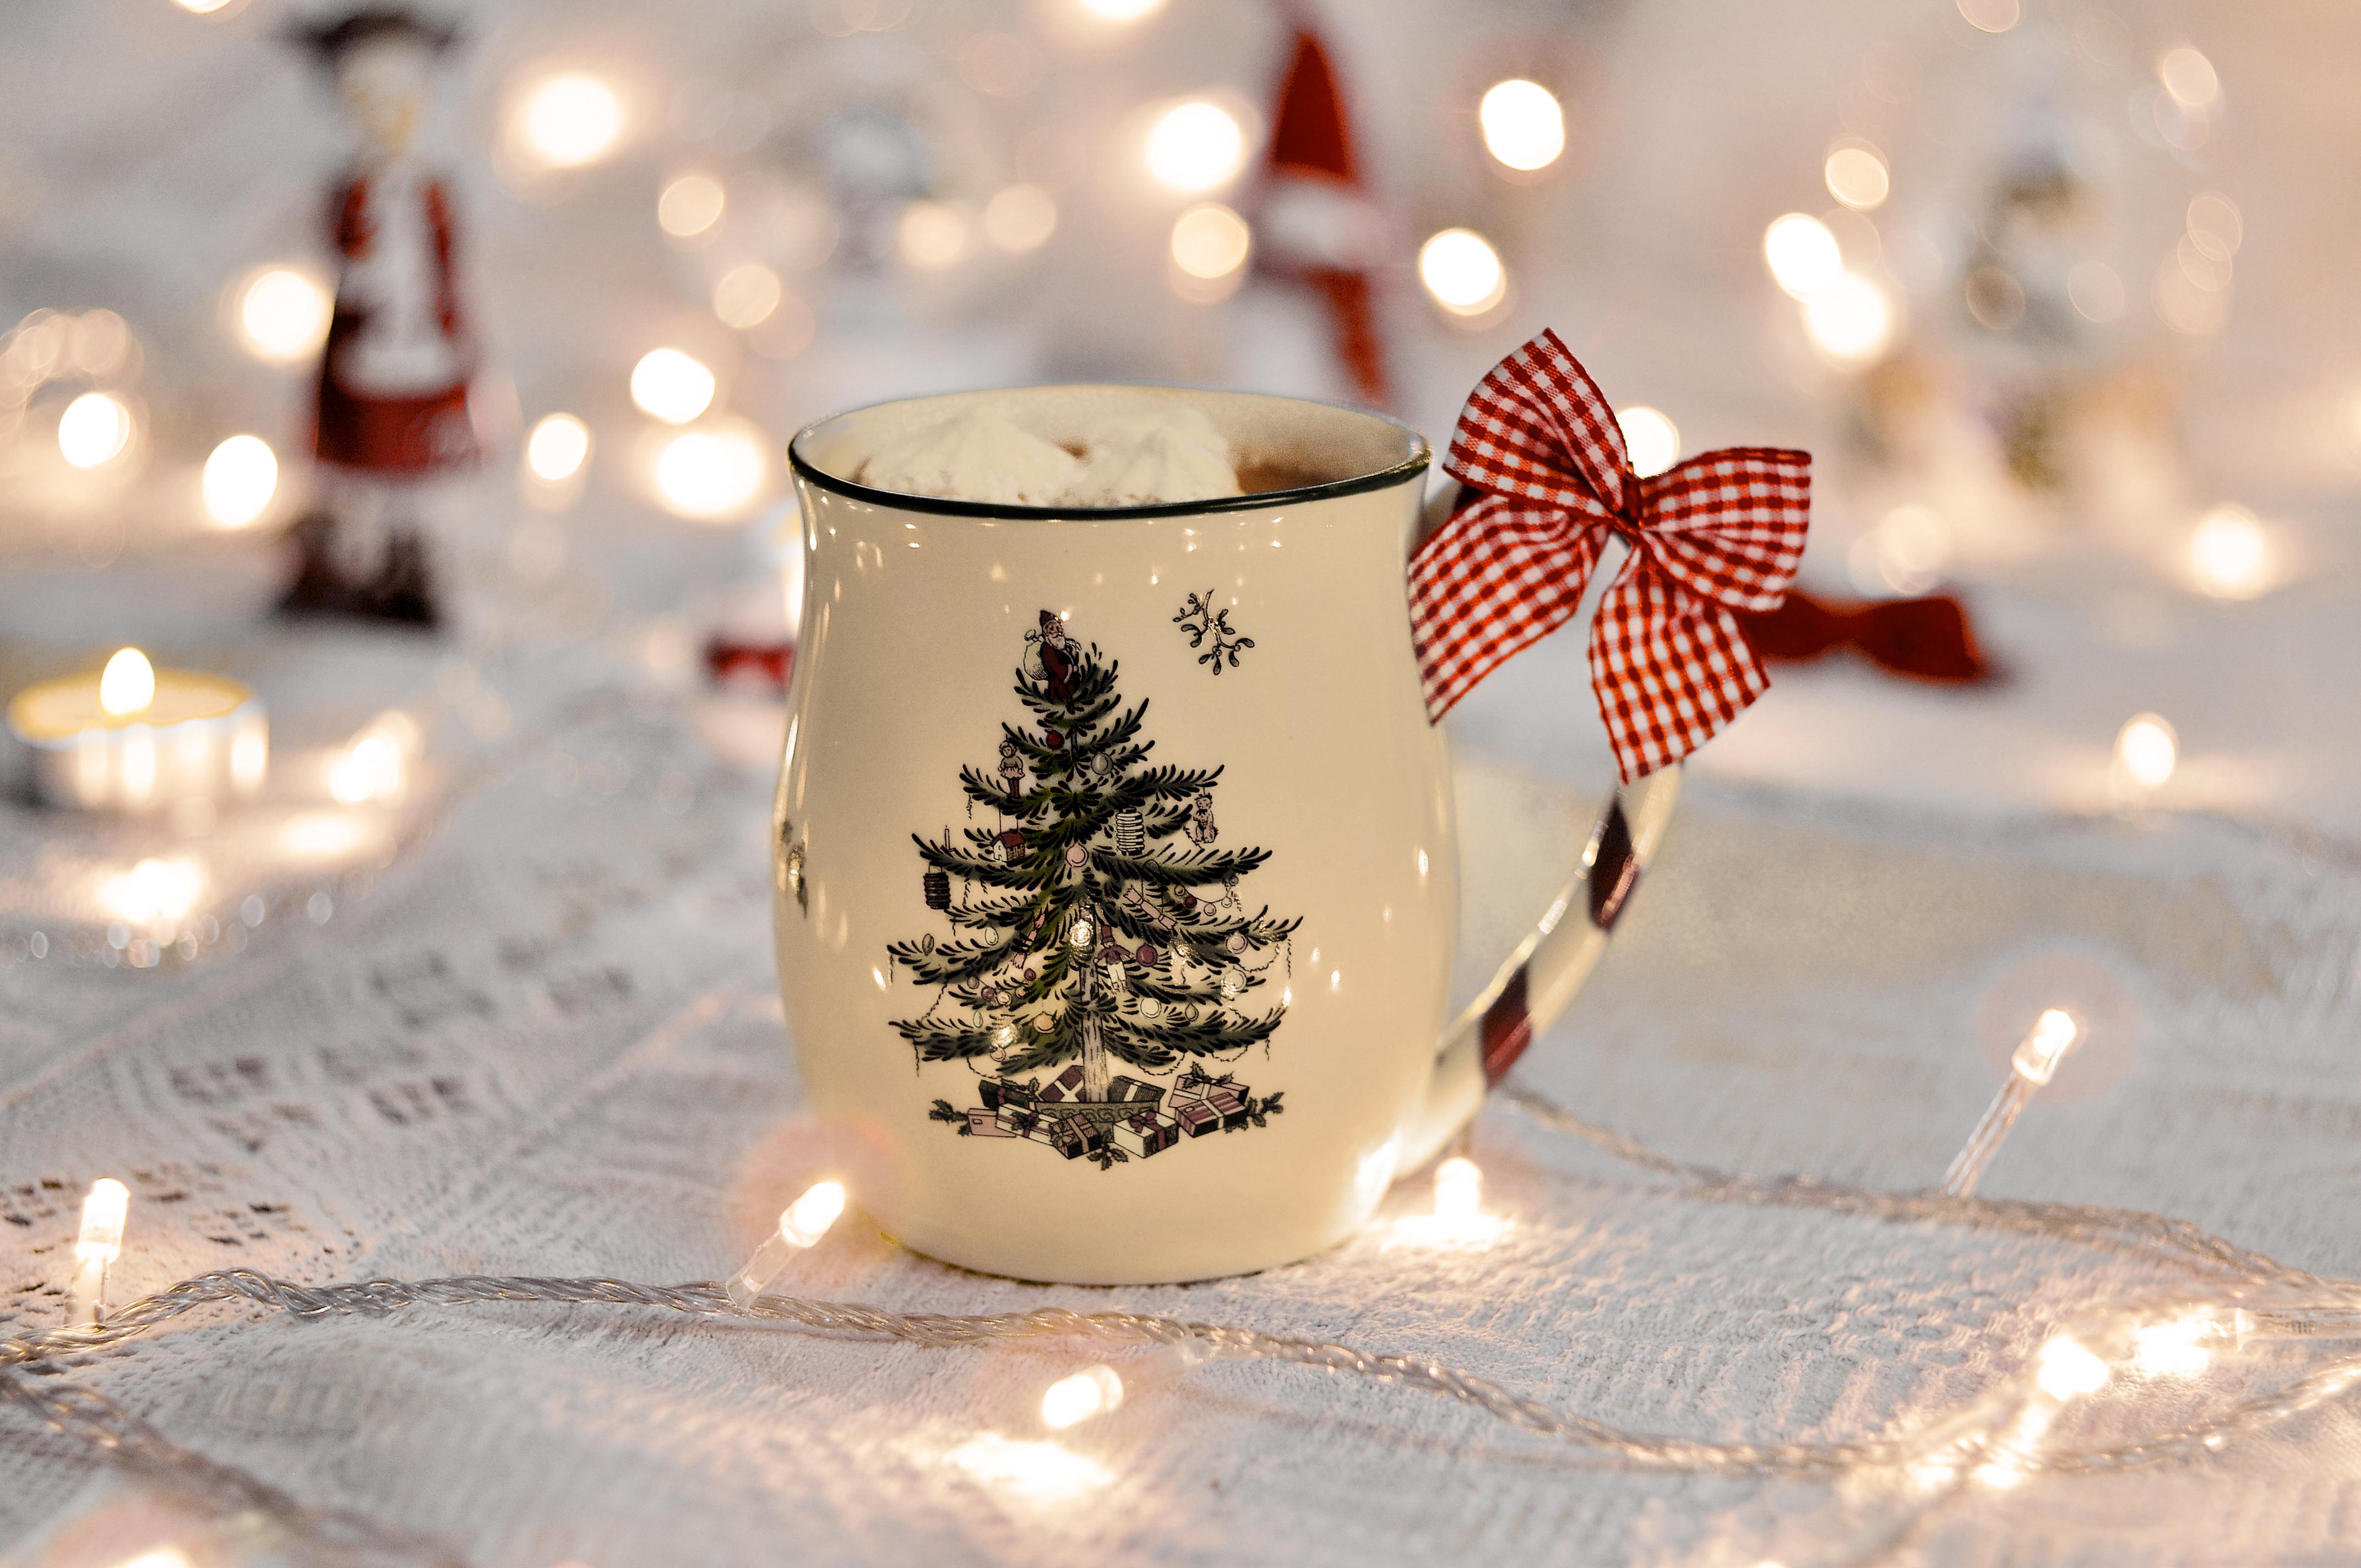 131441 Hintergrundbild herunterladen Feiertage, Neujahr, Eine Tasse, Tasse, Neues Jahr, Bogen, Girlande, Garland - Bildschirmschoner und Bilder kostenlos